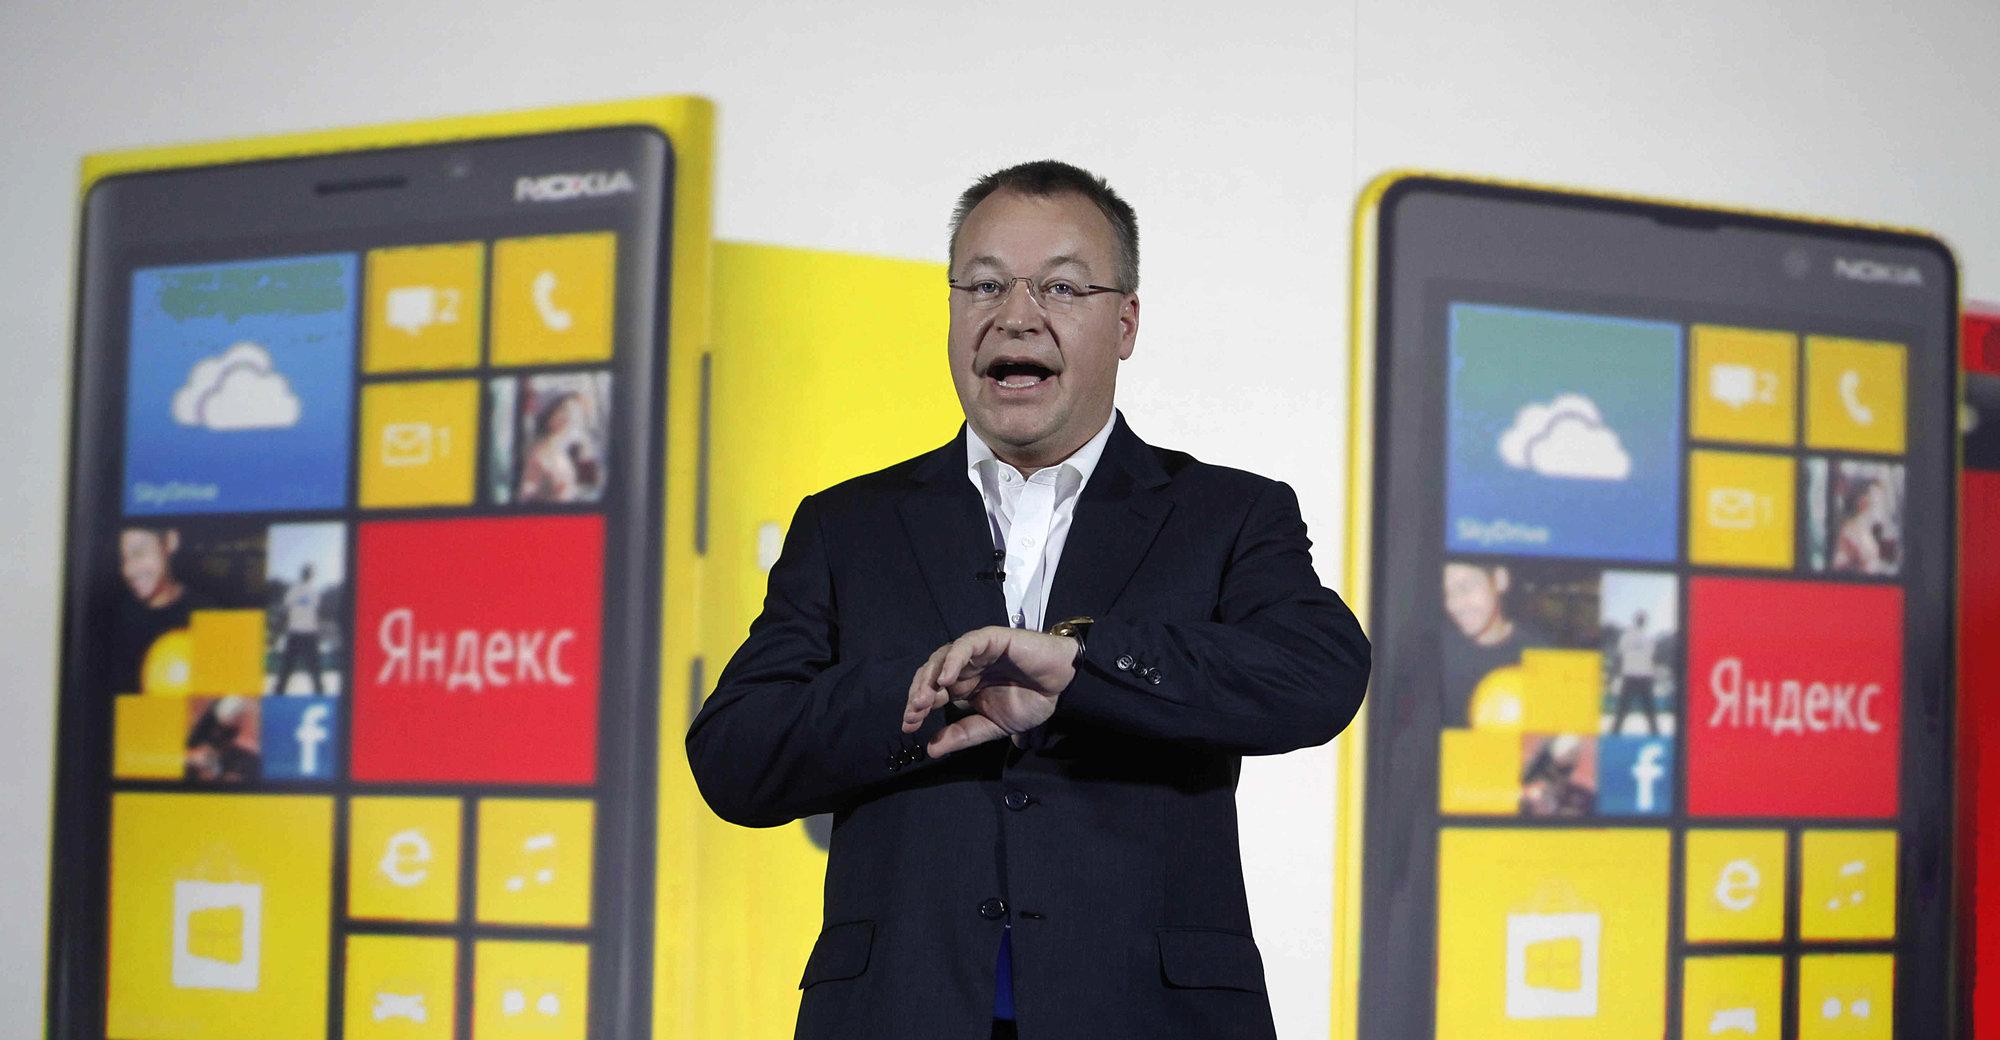 Nokias toppsjef Stephen Elop utelukker ikke at også Nokia kan bli medlem i den stadig større Android-familien.